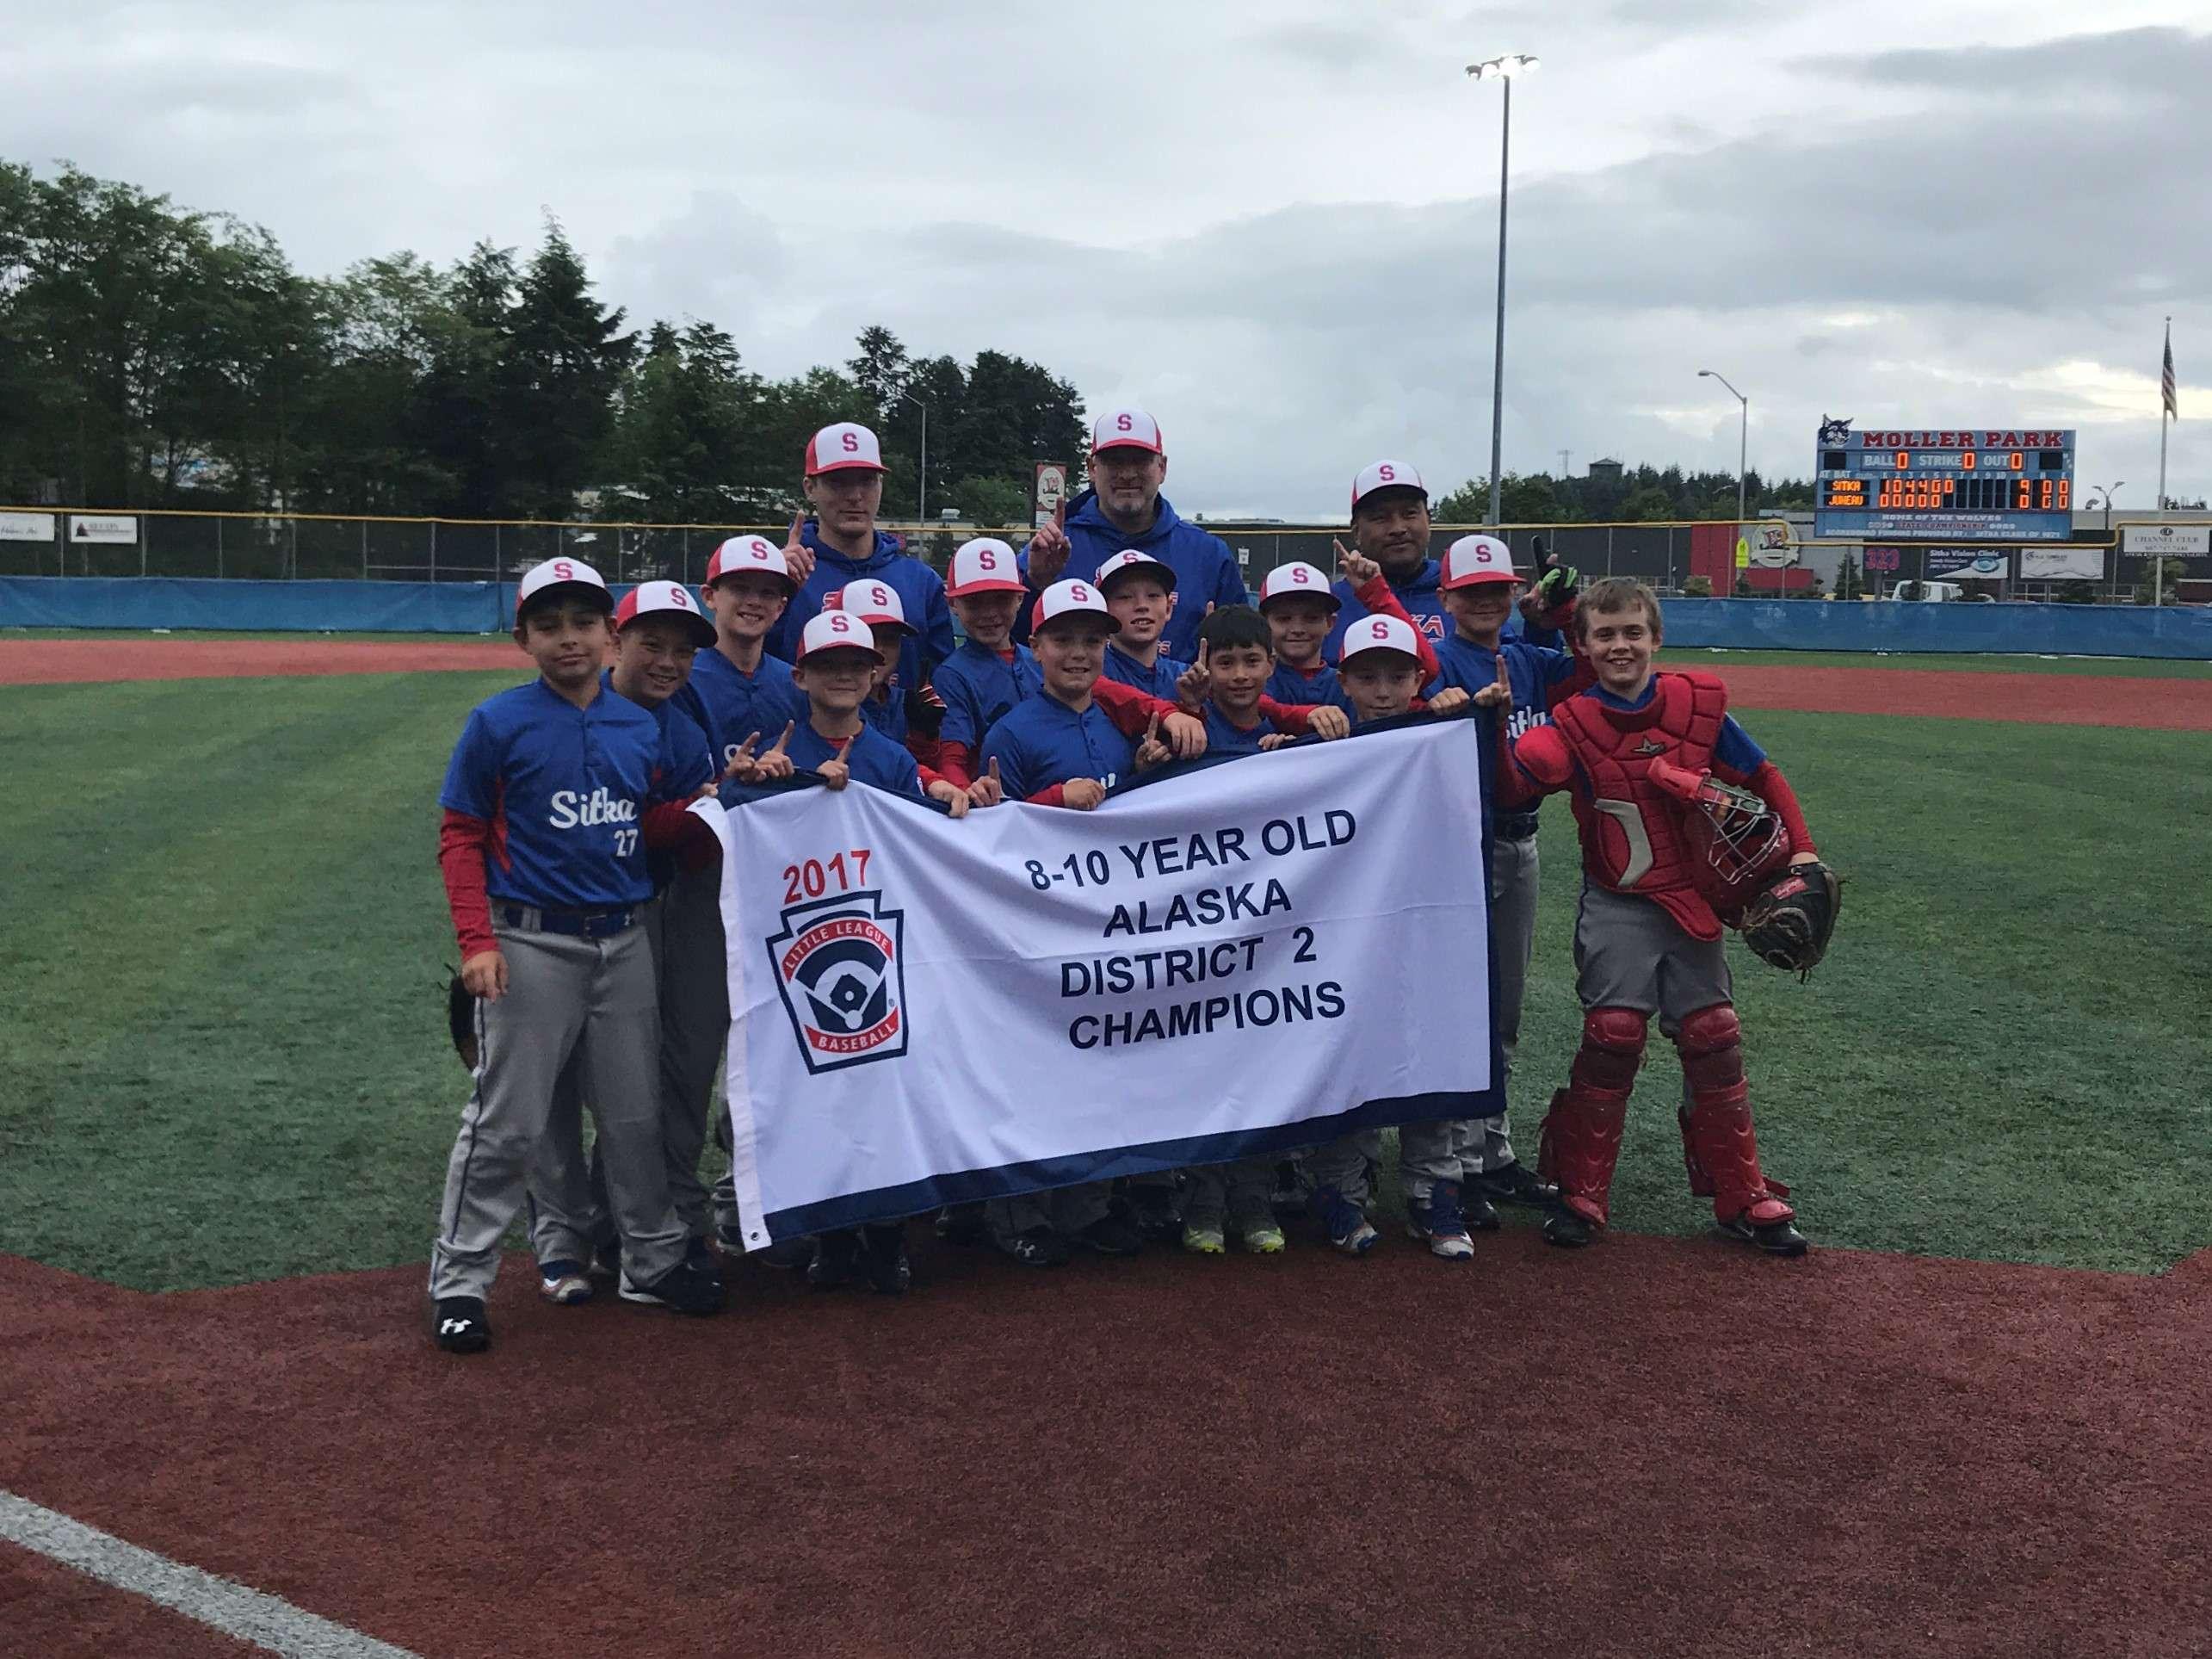 2017 Champions 8-10 yr old boys